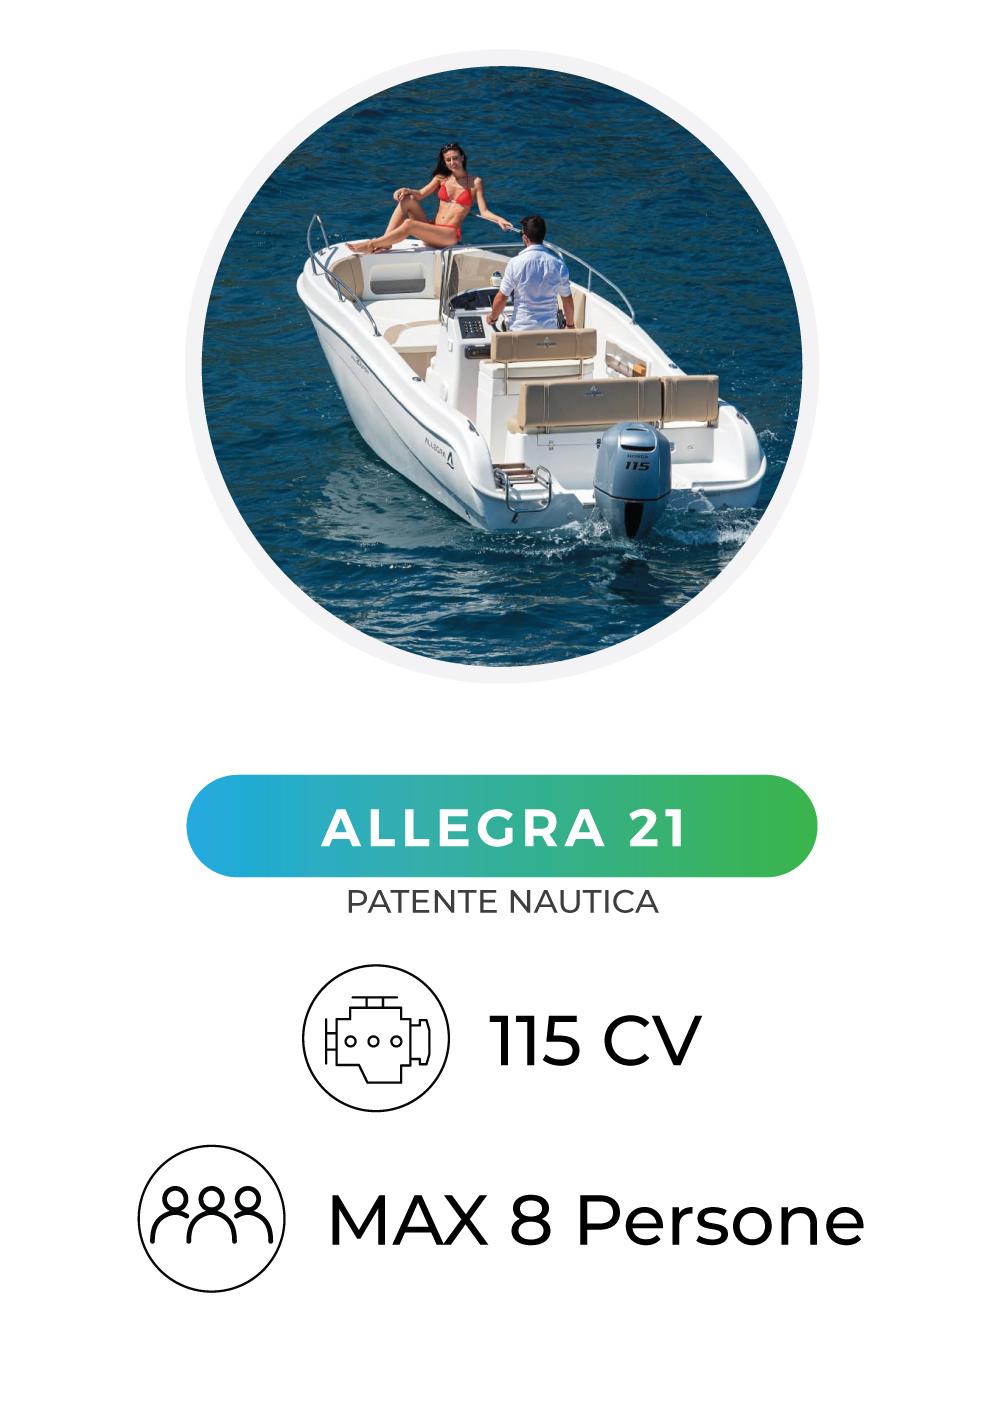 allegra21